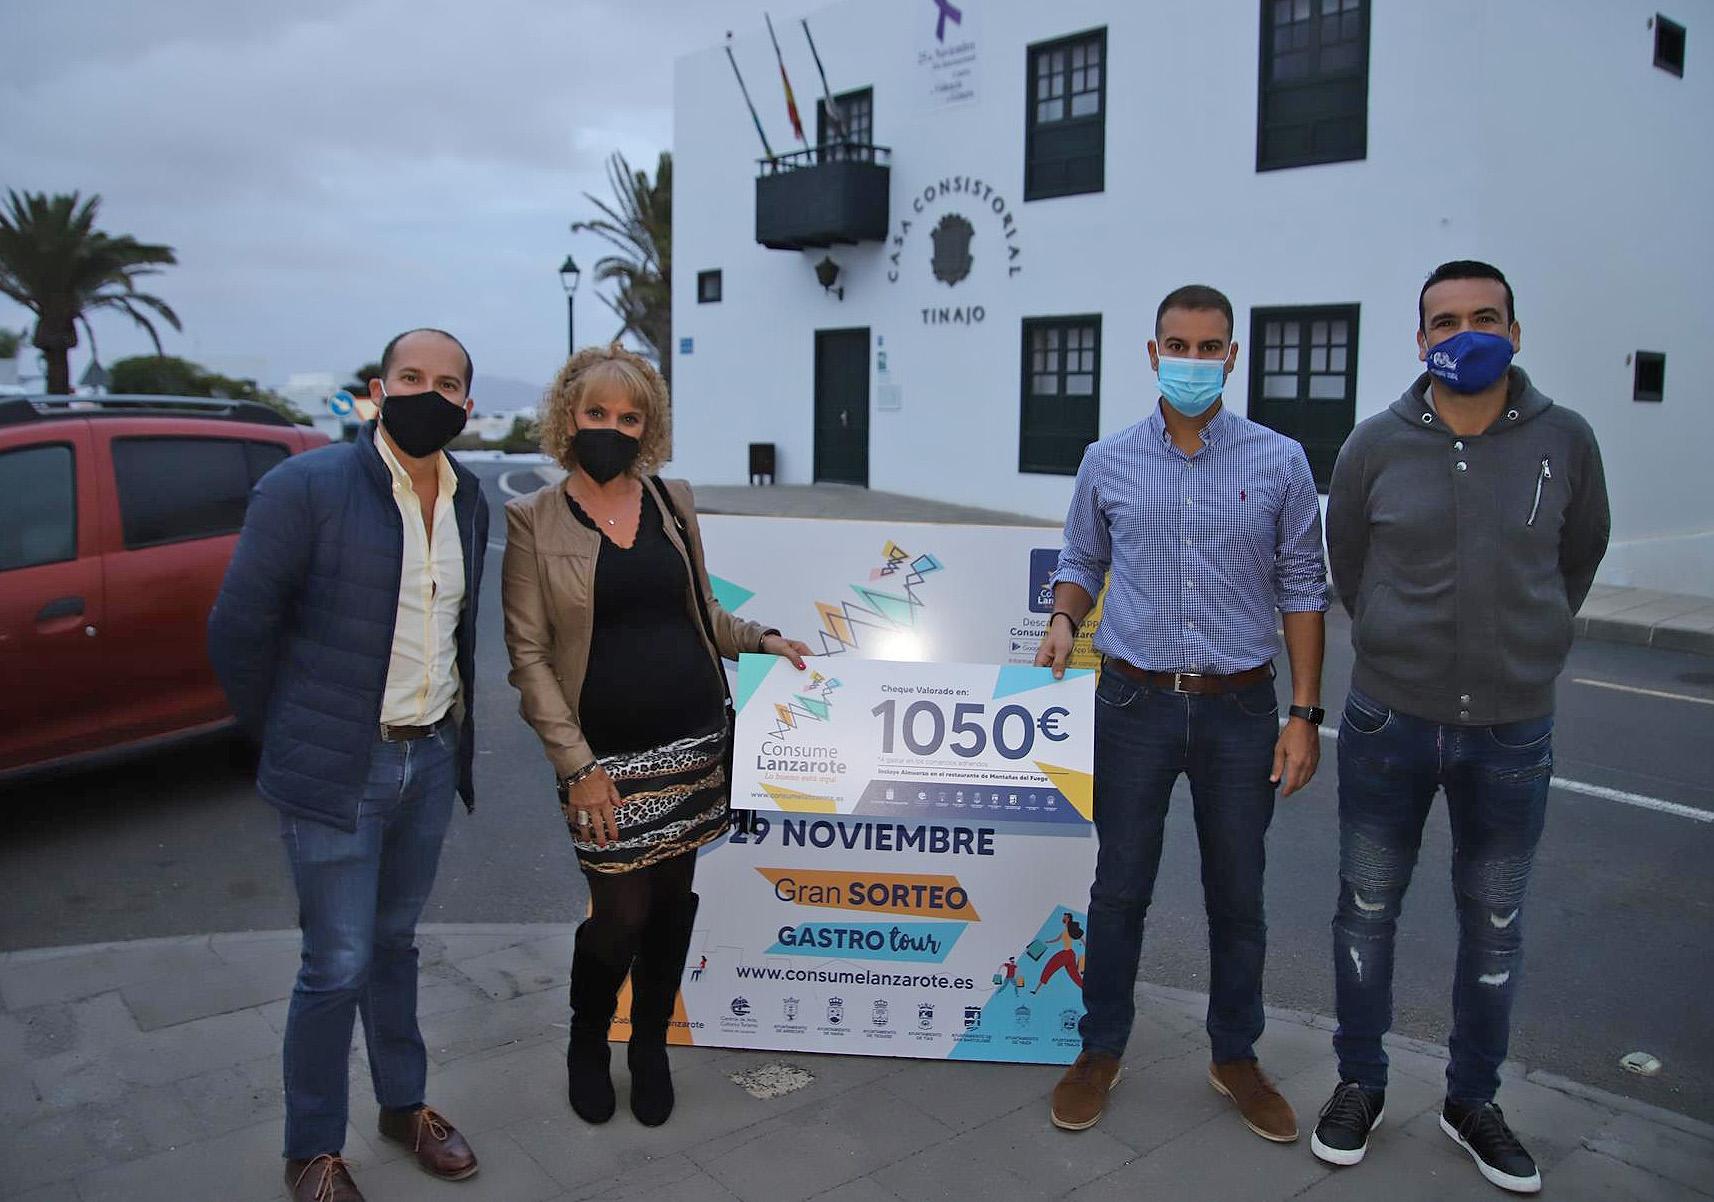 Consume Lanzarote deja mas de 3.500 participantes y 425 comercios adheridos a la promoción